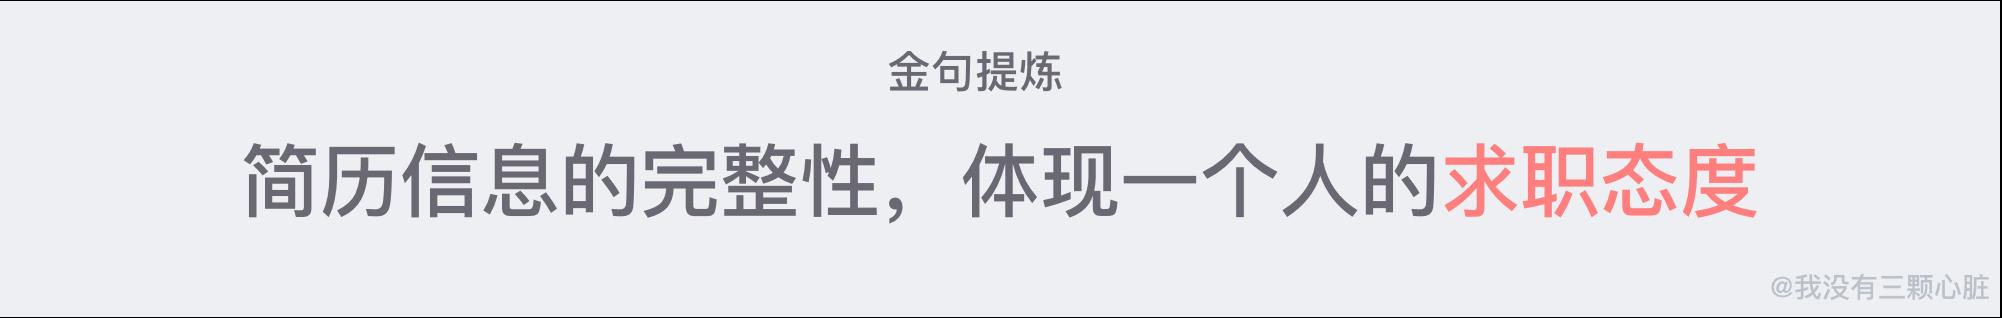 《Offer一箩筐》一份高质量「简历」撰写指南,望打扰!!